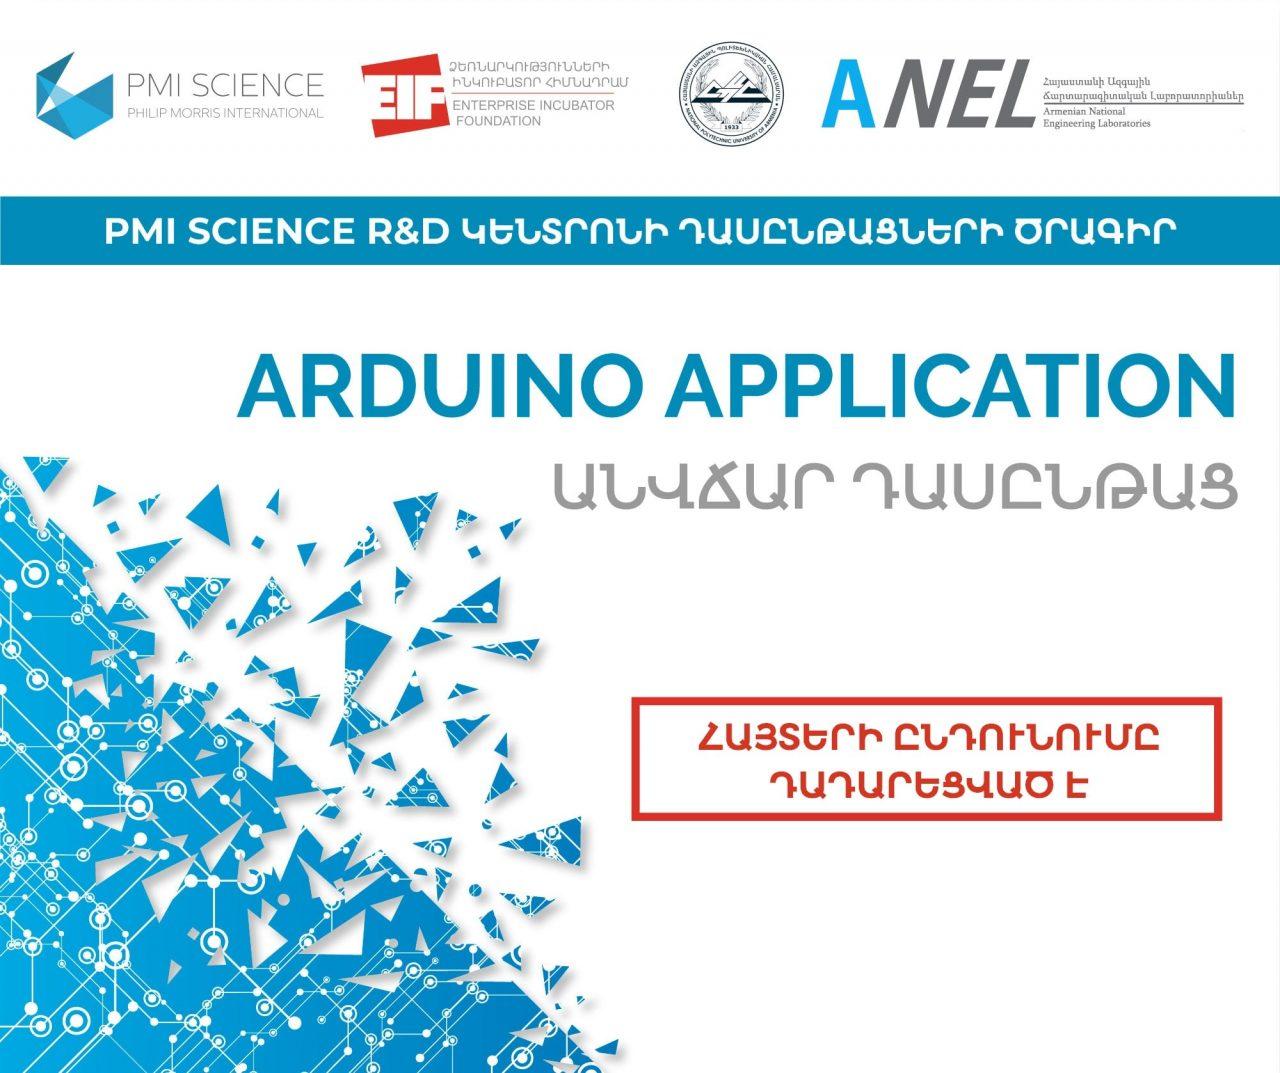 «Arduino Application» դասընթացի հետագա գրանցումը դադարեցվել է. կազմակերպիչները կարճ ժամանակում աննախադեպ մեծաքանակ հայտադիմումներ են ստացել